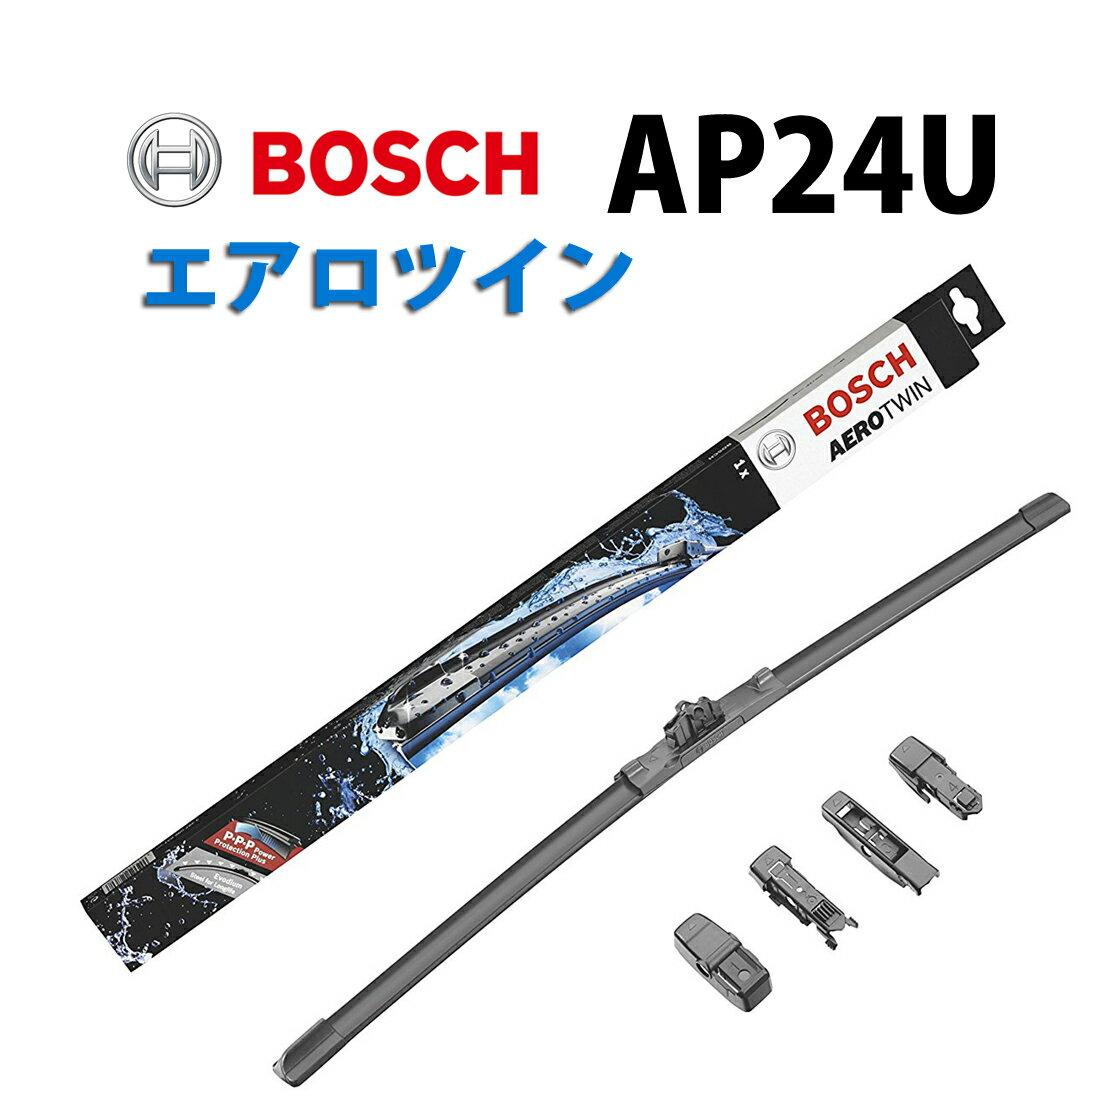 ウィンドウケア, ワイパーブレード AP24U BOSCH 600mm 3397006837 A4 E BMW X1 500 AEROTWIN